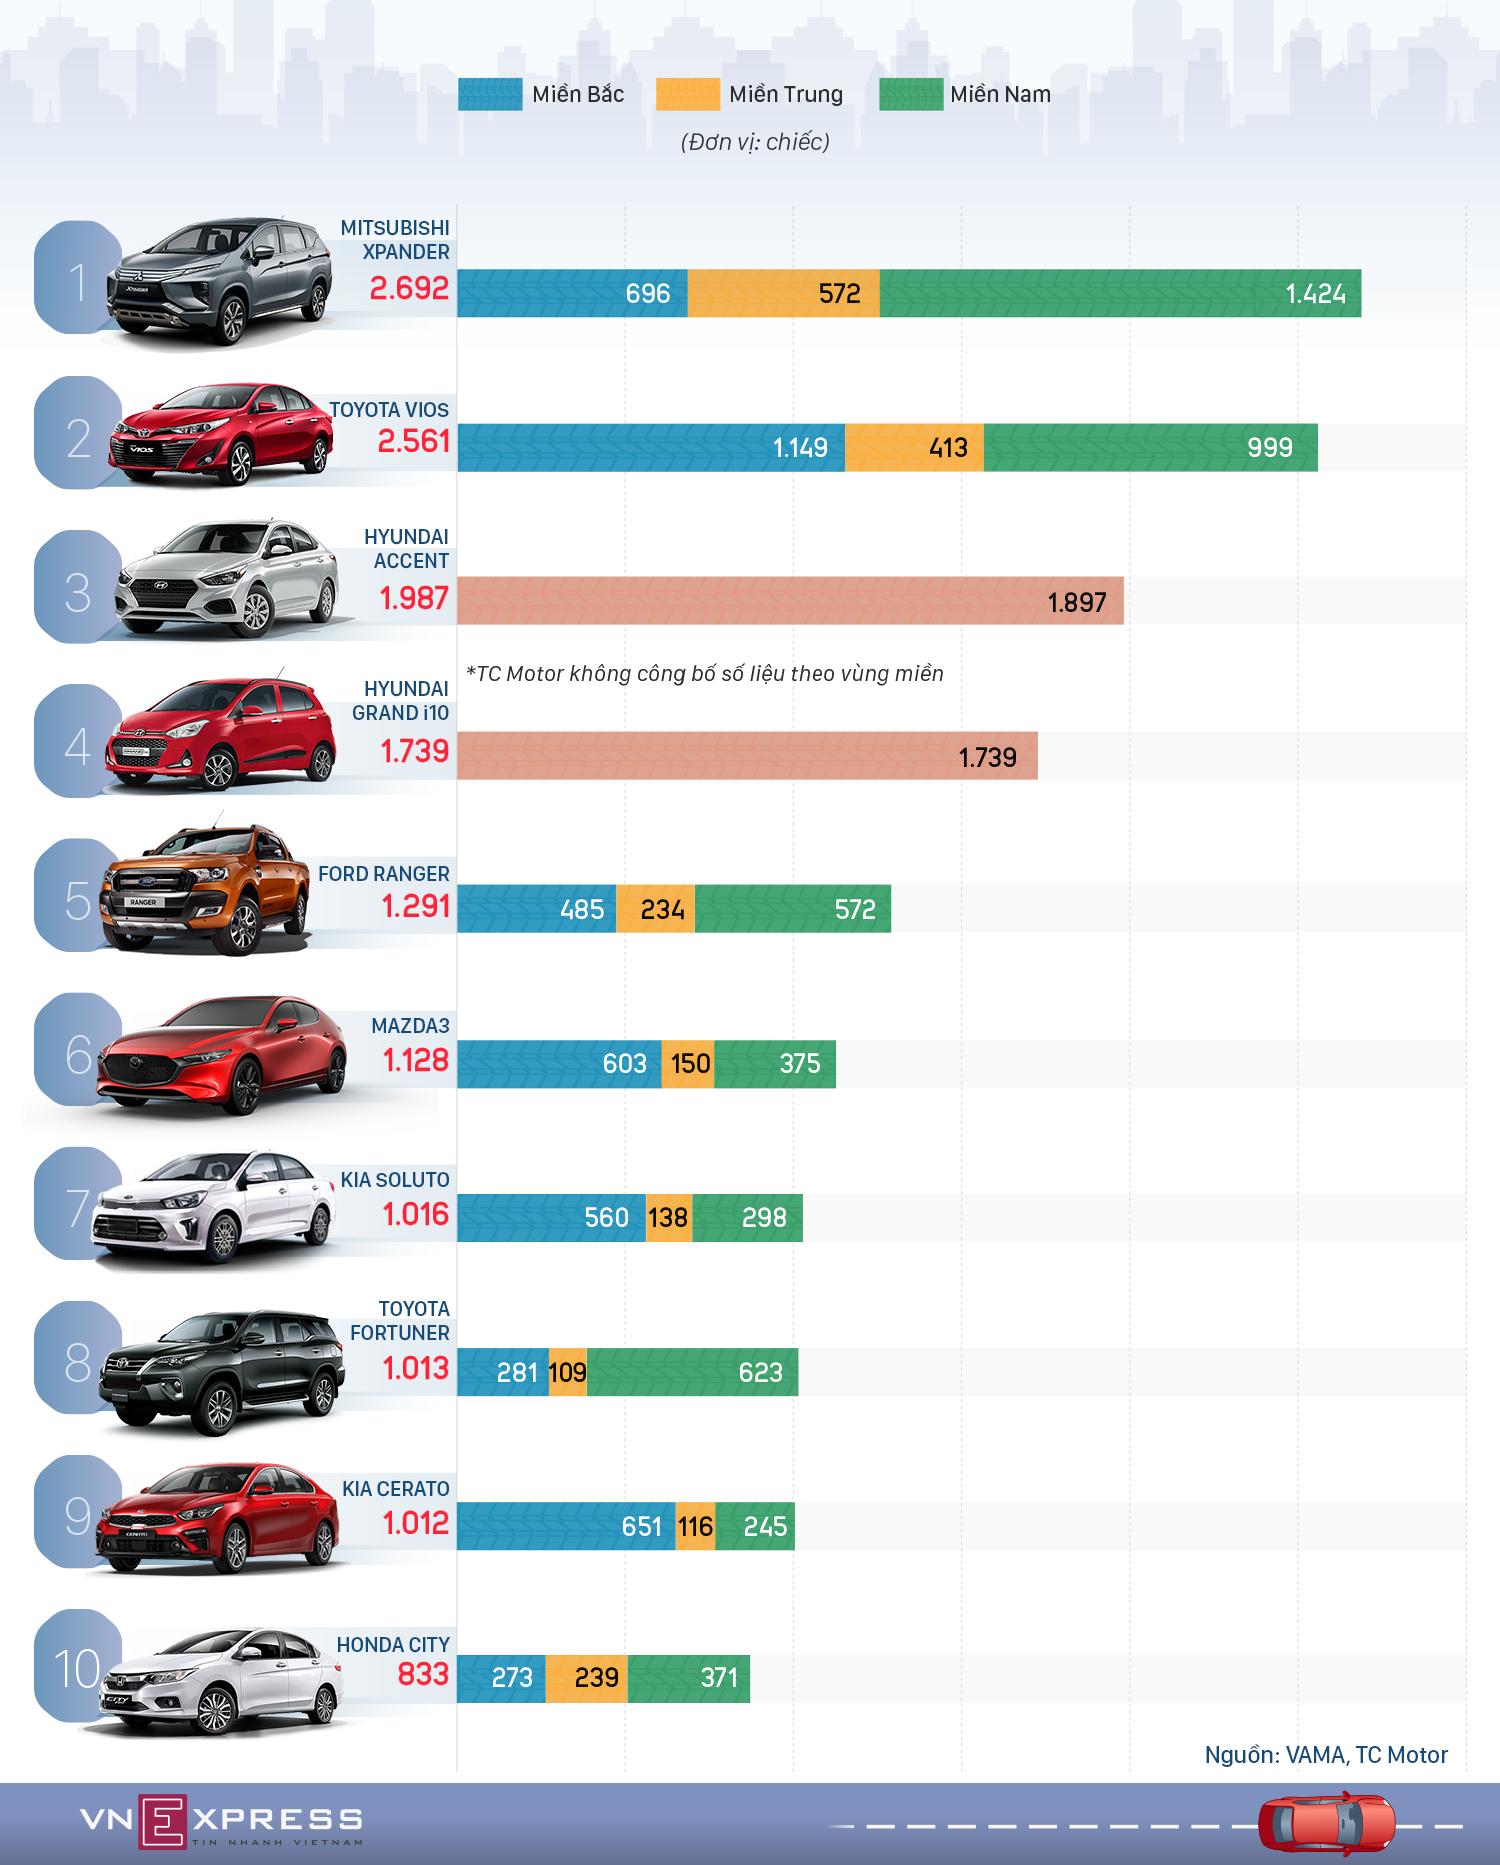 Top 10 xe bán chạy tháng 11 - Xpander tiếp tục vượt Vios